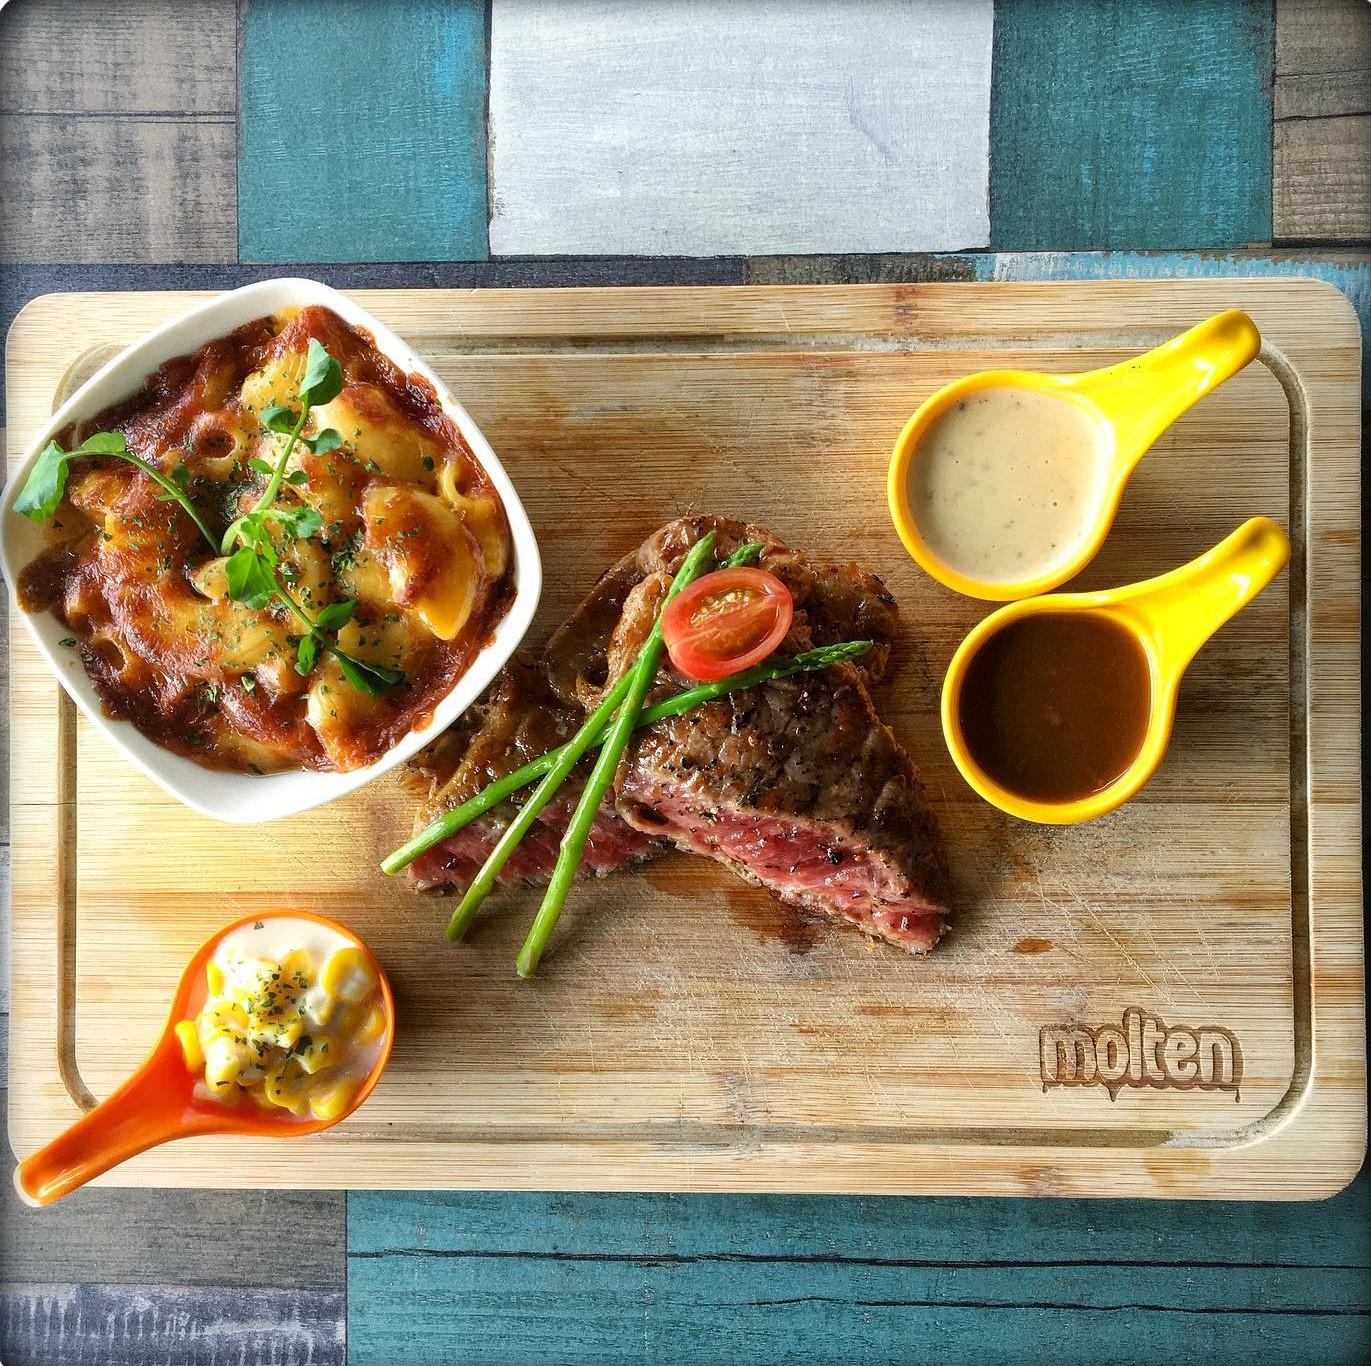 molten diners steak